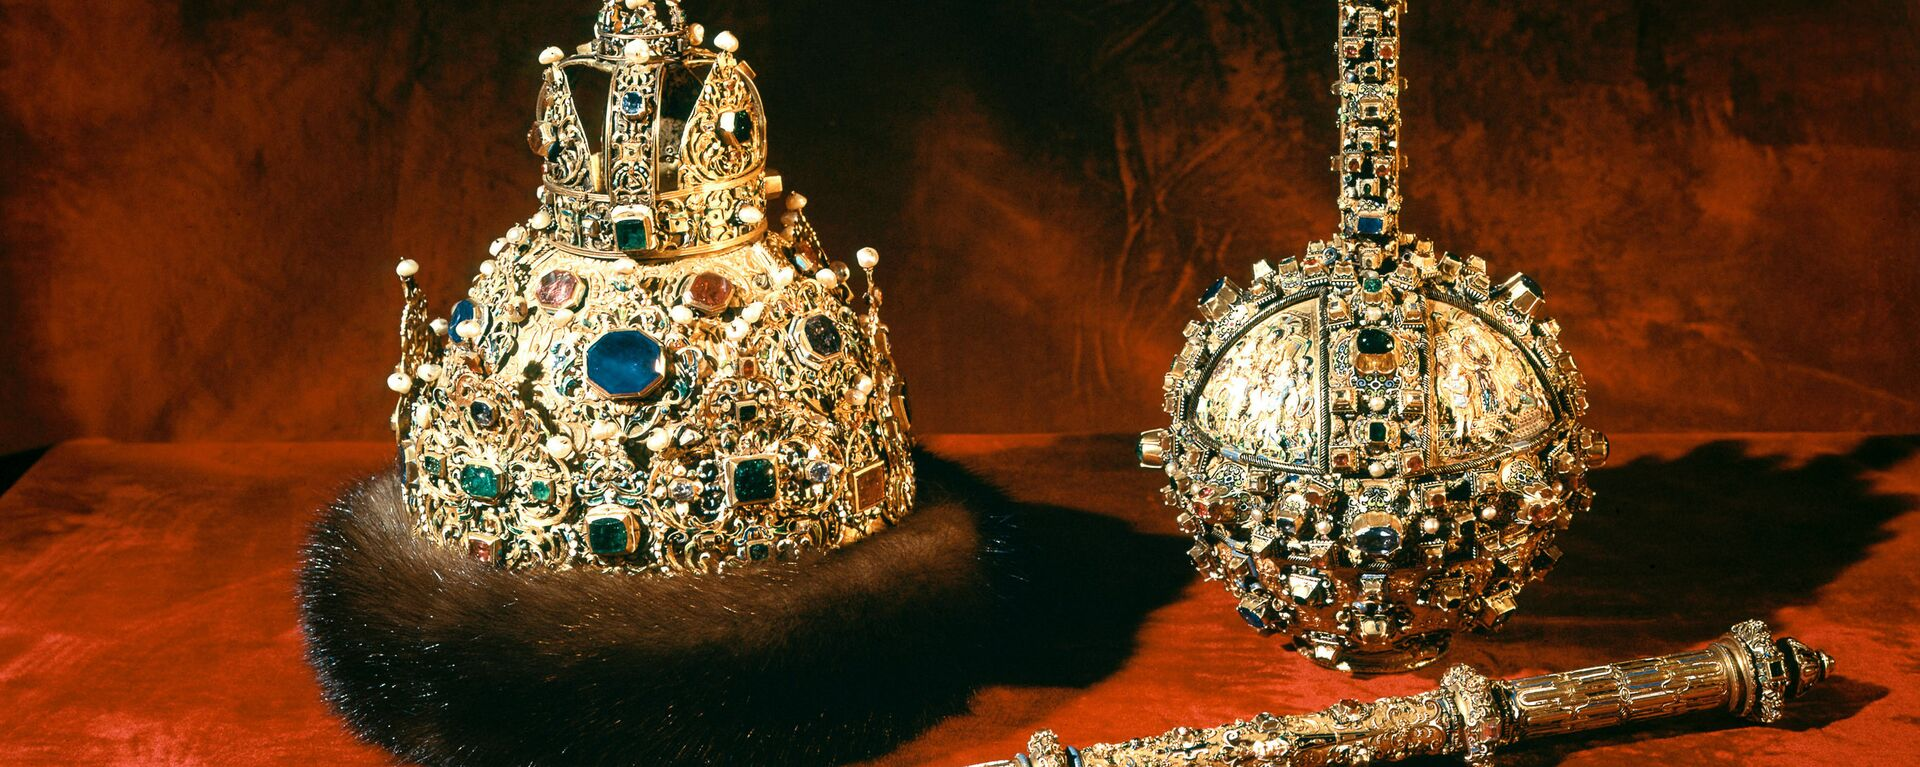 """რუსეთის მეფის გვირგვინი, სკიპტრა და """"დერჟავა"""" (დამზადებულია 1627-1628 წლებში). - Sputnik საქართველო, 1920, 04.06.2019"""